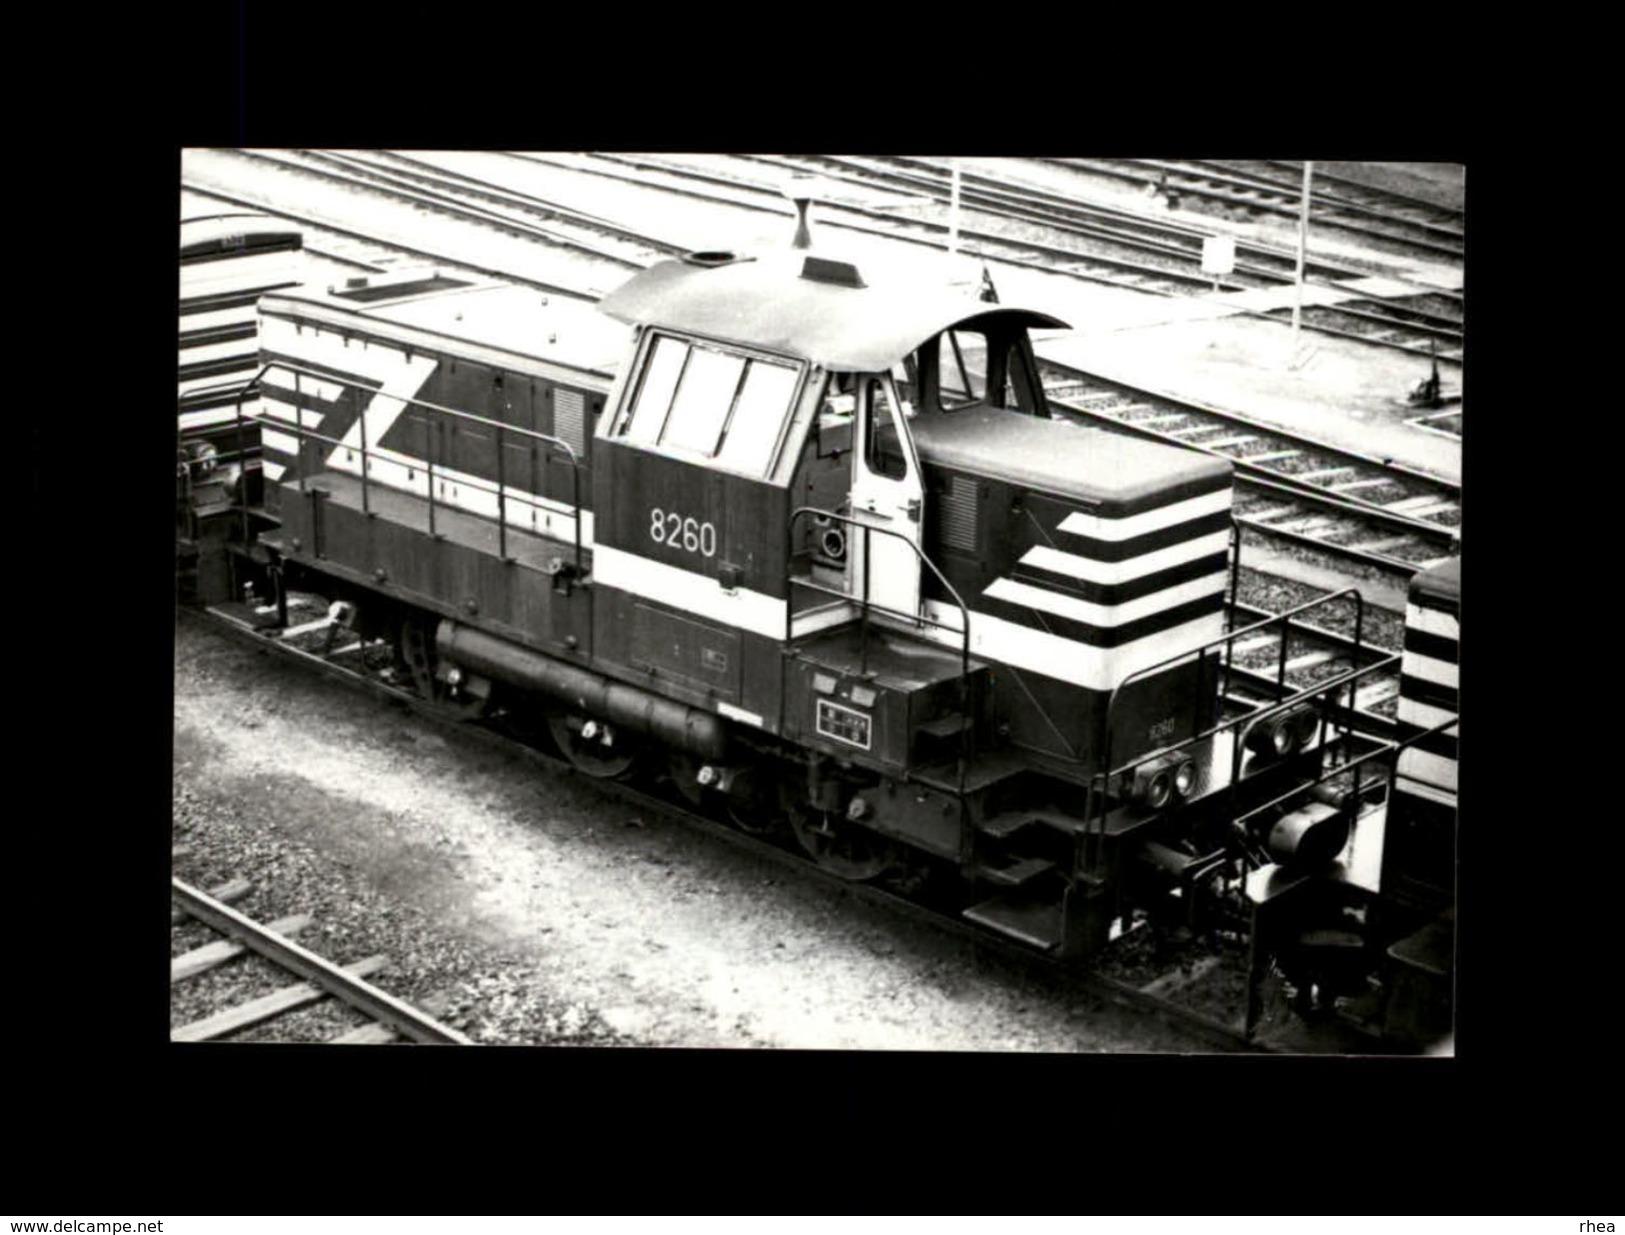 TRAINS - ANVERS - BELGIQUE - Locomotive 8260 - Trains